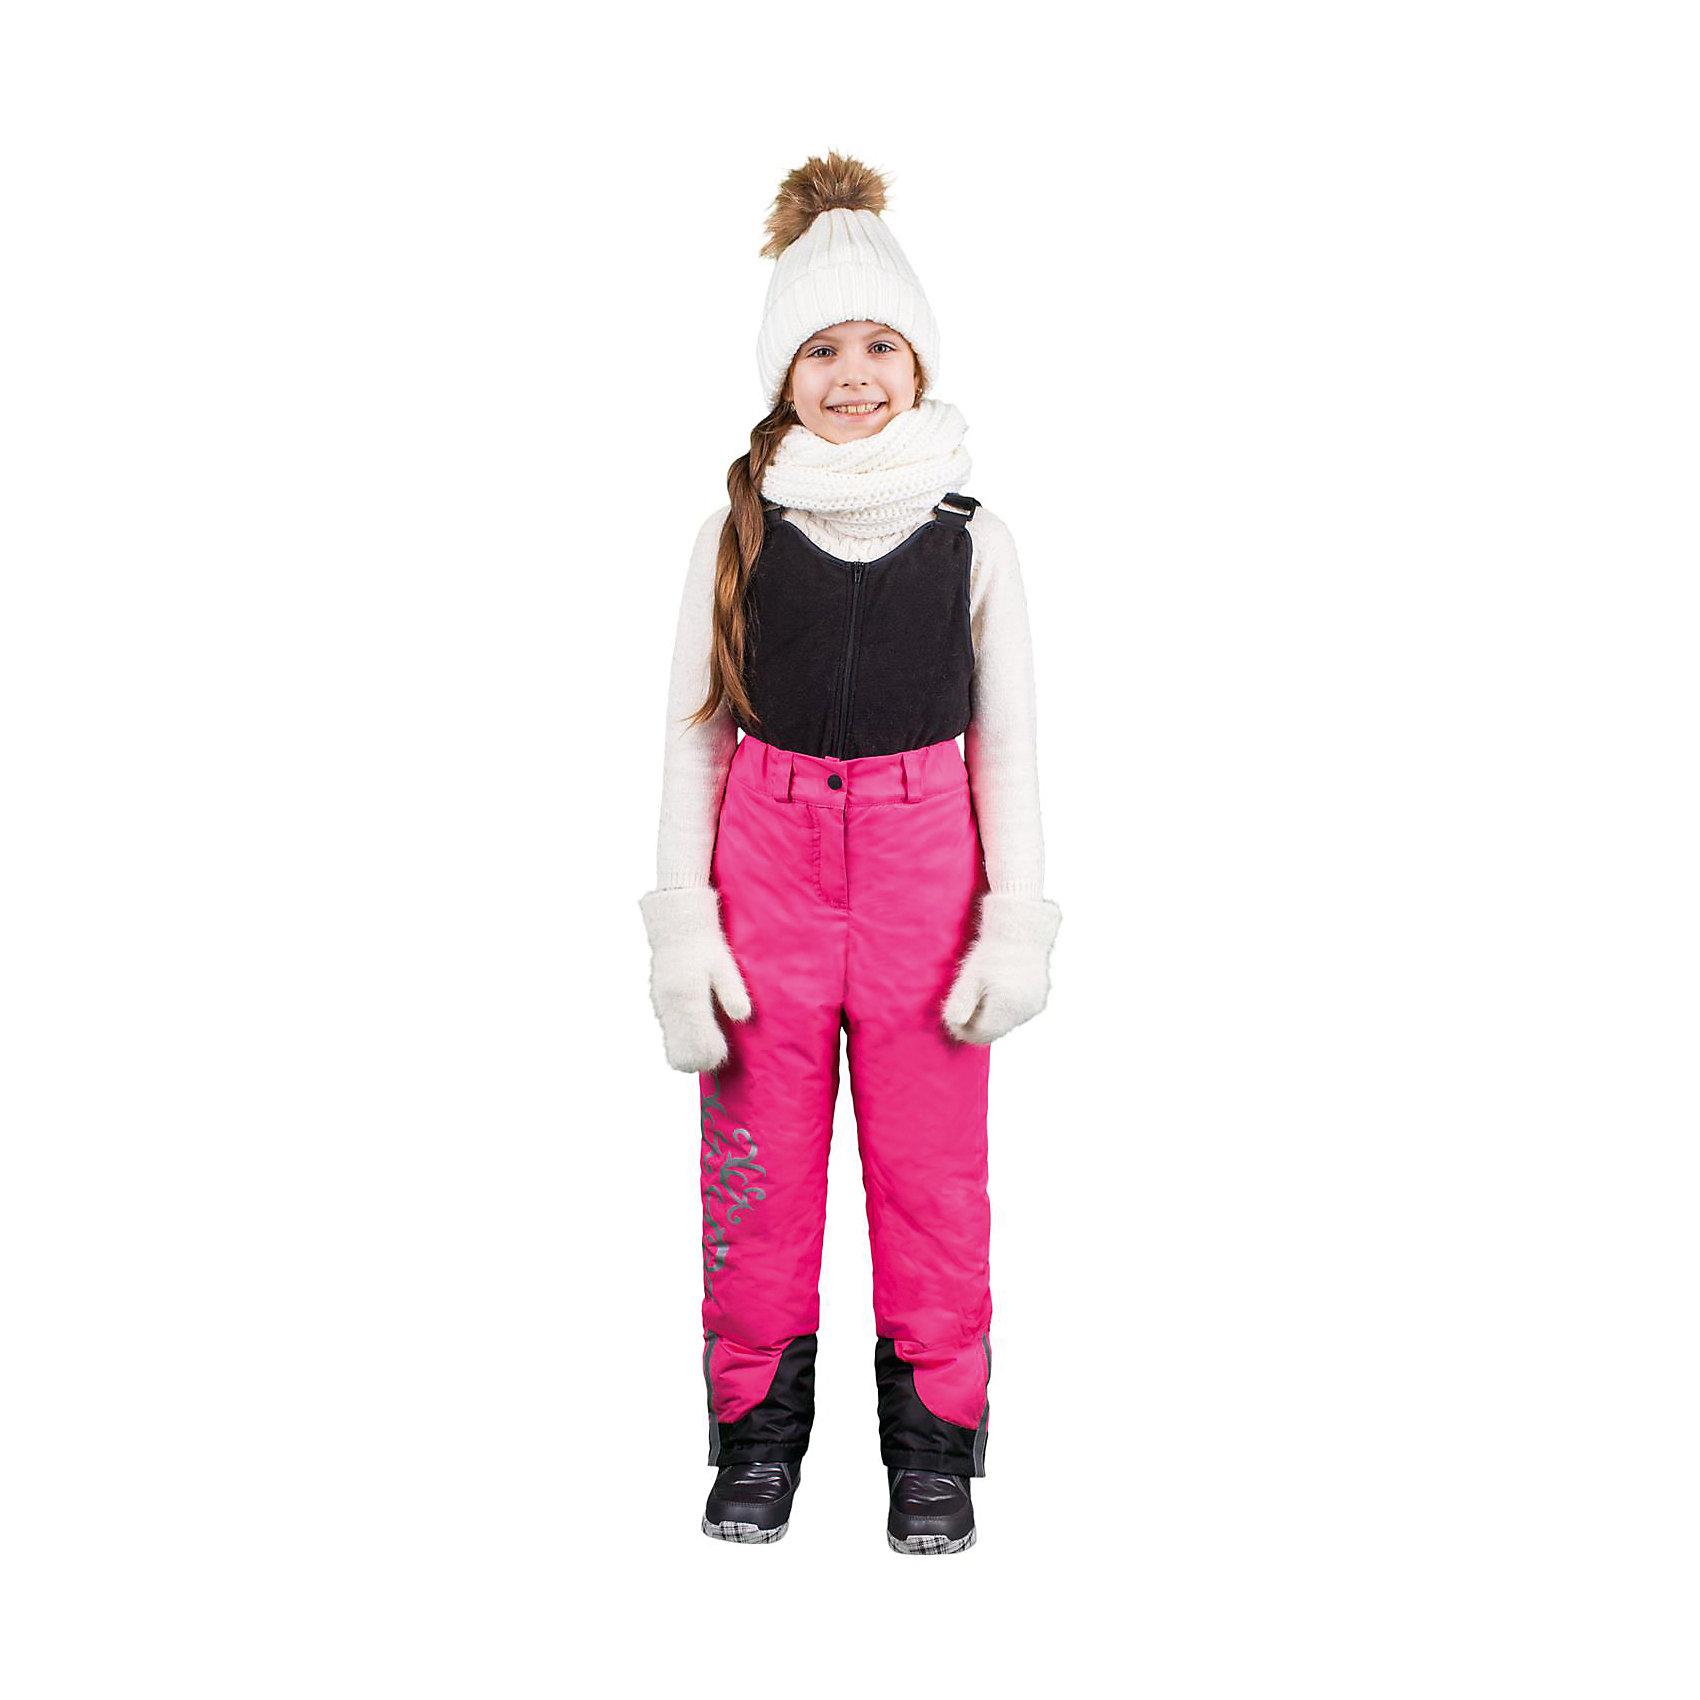 Полукомбинезон для девочки BOOM by OrbyВерхняя одежда<br>Характеристики изделия:<br><br>- материал верха: плащевая ткань;<br>- подкладка: ПЭ;<br>- утеплитель: эко-синтепон 150 г/м2; <br>- фурнитура: металл, пластик;<br>- застежка: молния;<br>- регулируемые лямки;<br>- шлевки;<br>- светоотражающие элементы.<br>-максимальная температура ношения - 20°С<br><br>В холодный сезон девочки хотят одеваться не только тепло, но и модно. Этот стильный и теплый полукомбинезон позволит ребенку наслаждаться зимним отдыхом, не боясь замерзнуть, и выглядеть при этом очень симпатично.<br>Изделие плотно сидит благодаря продуманному крою и надежным застежкам. Оно смотрится очень эффектно благодаря принту из светоотржающего материала. Полукомбинезон дополнен карманами и регулируемыми лямками.<br><br>Полукомбинезон для девочки от бренда BOOM by Orby можно купить в нашем магазине.<br><br>Ширина мм: 215<br>Глубина мм: 88<br>Высота мм: 191<br>Вес г: 336<br>Цвет: розовый<br>Возраст от месяцев: 24<br>Возраст до месяцев: 36<br>Пол: Женский<br>Возраст: Детский<br>Размер: 98,116,110,92,152,122,128,104,146,86,134,158,140<br>SKU: 4982658